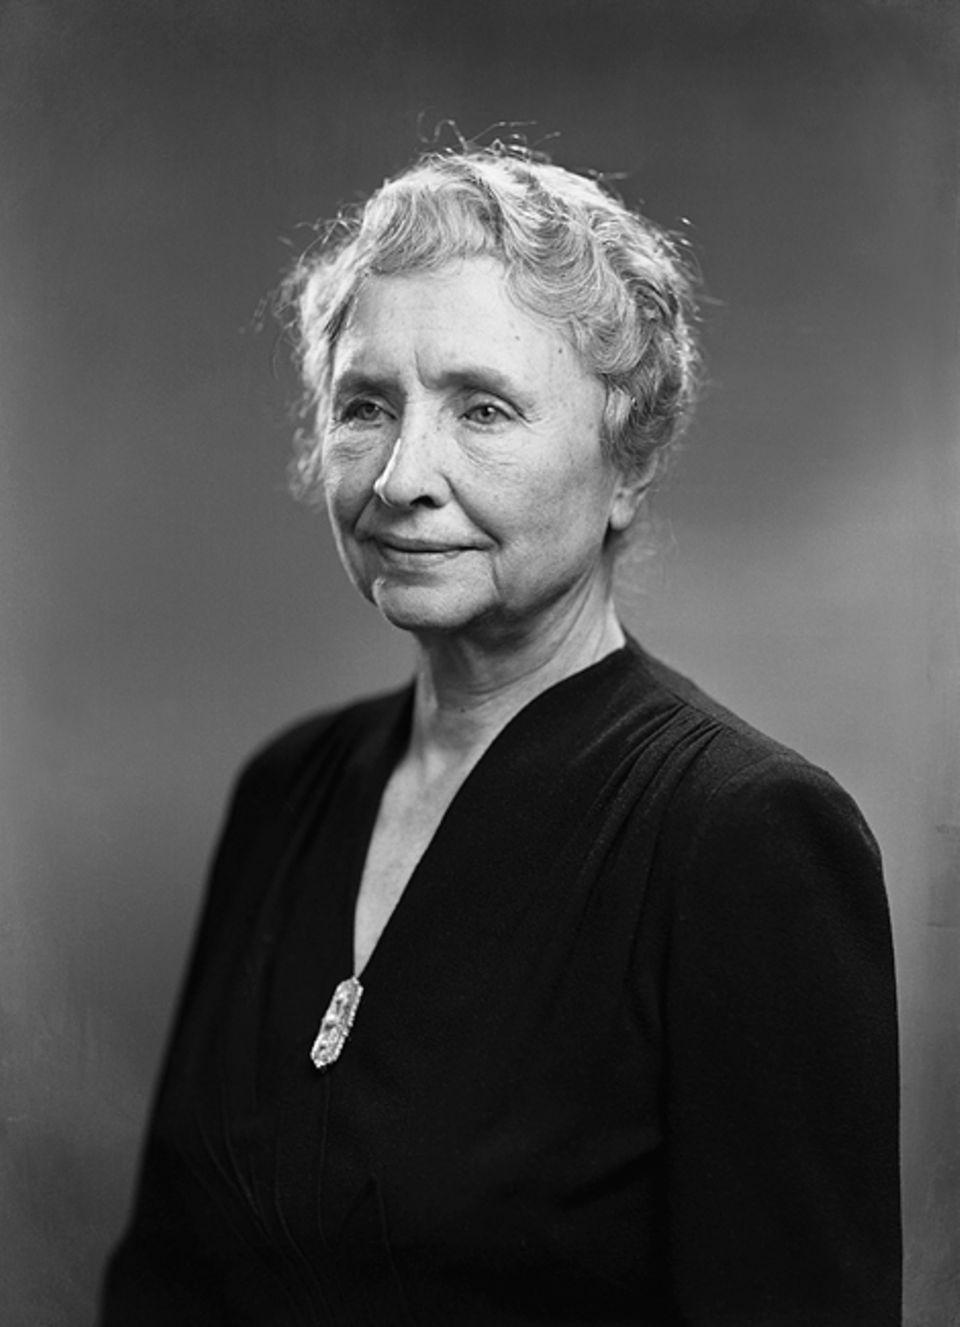 Weltveränderer: Die taubblinde Helen Keller hat selbst nie den Mut verloren. Diese Einstellung gab sie an andere blinde oder behinderte Menschen weiter